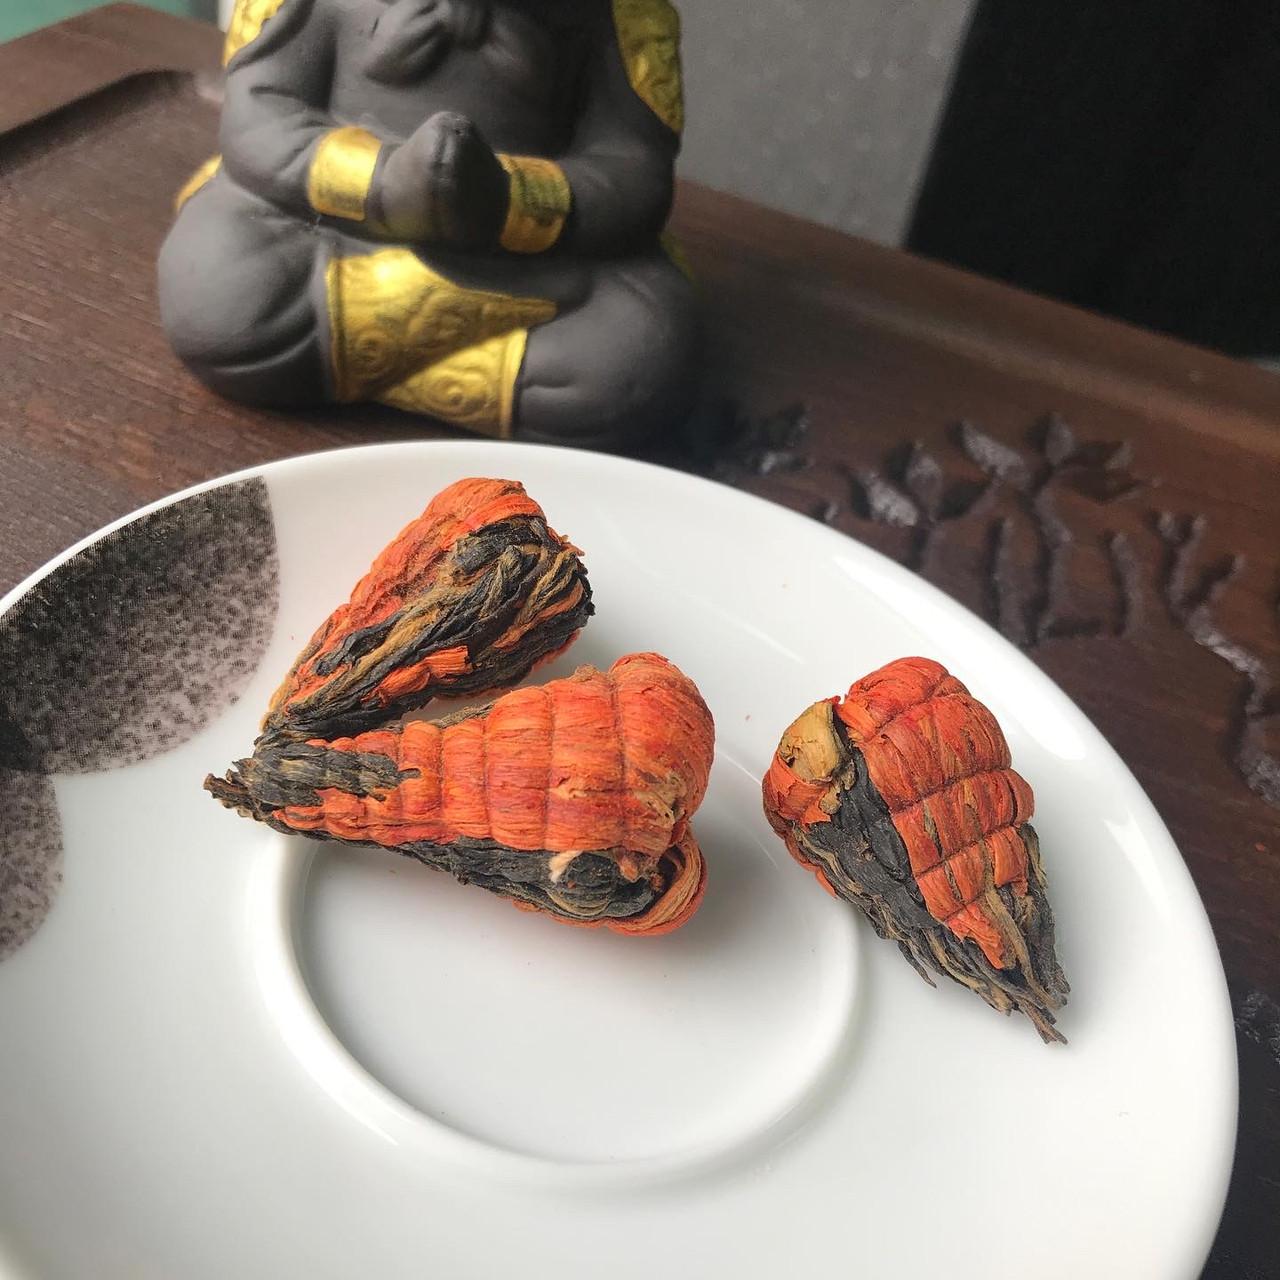 Червоний чай Дянь Хун Та (Красная пагода) з лілією